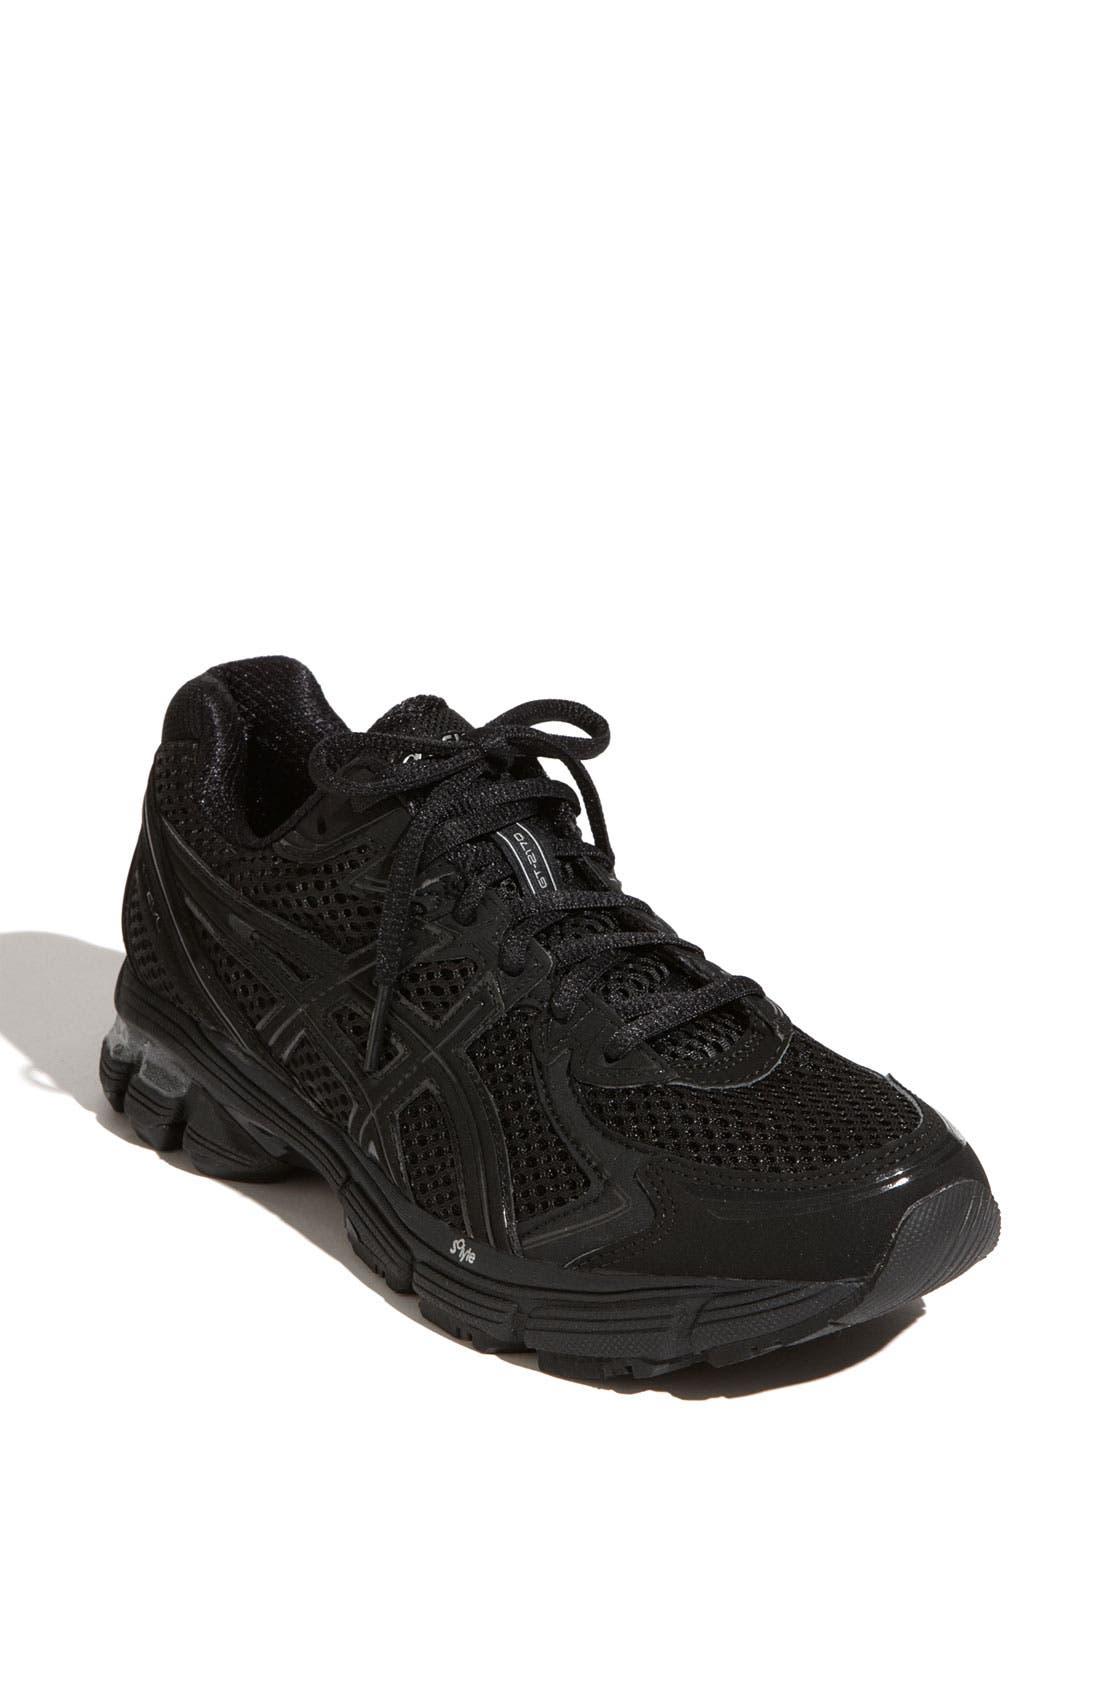 Alternate Image 1 Selected - ASICS® 'GT 2170' Running Shoe (Men)